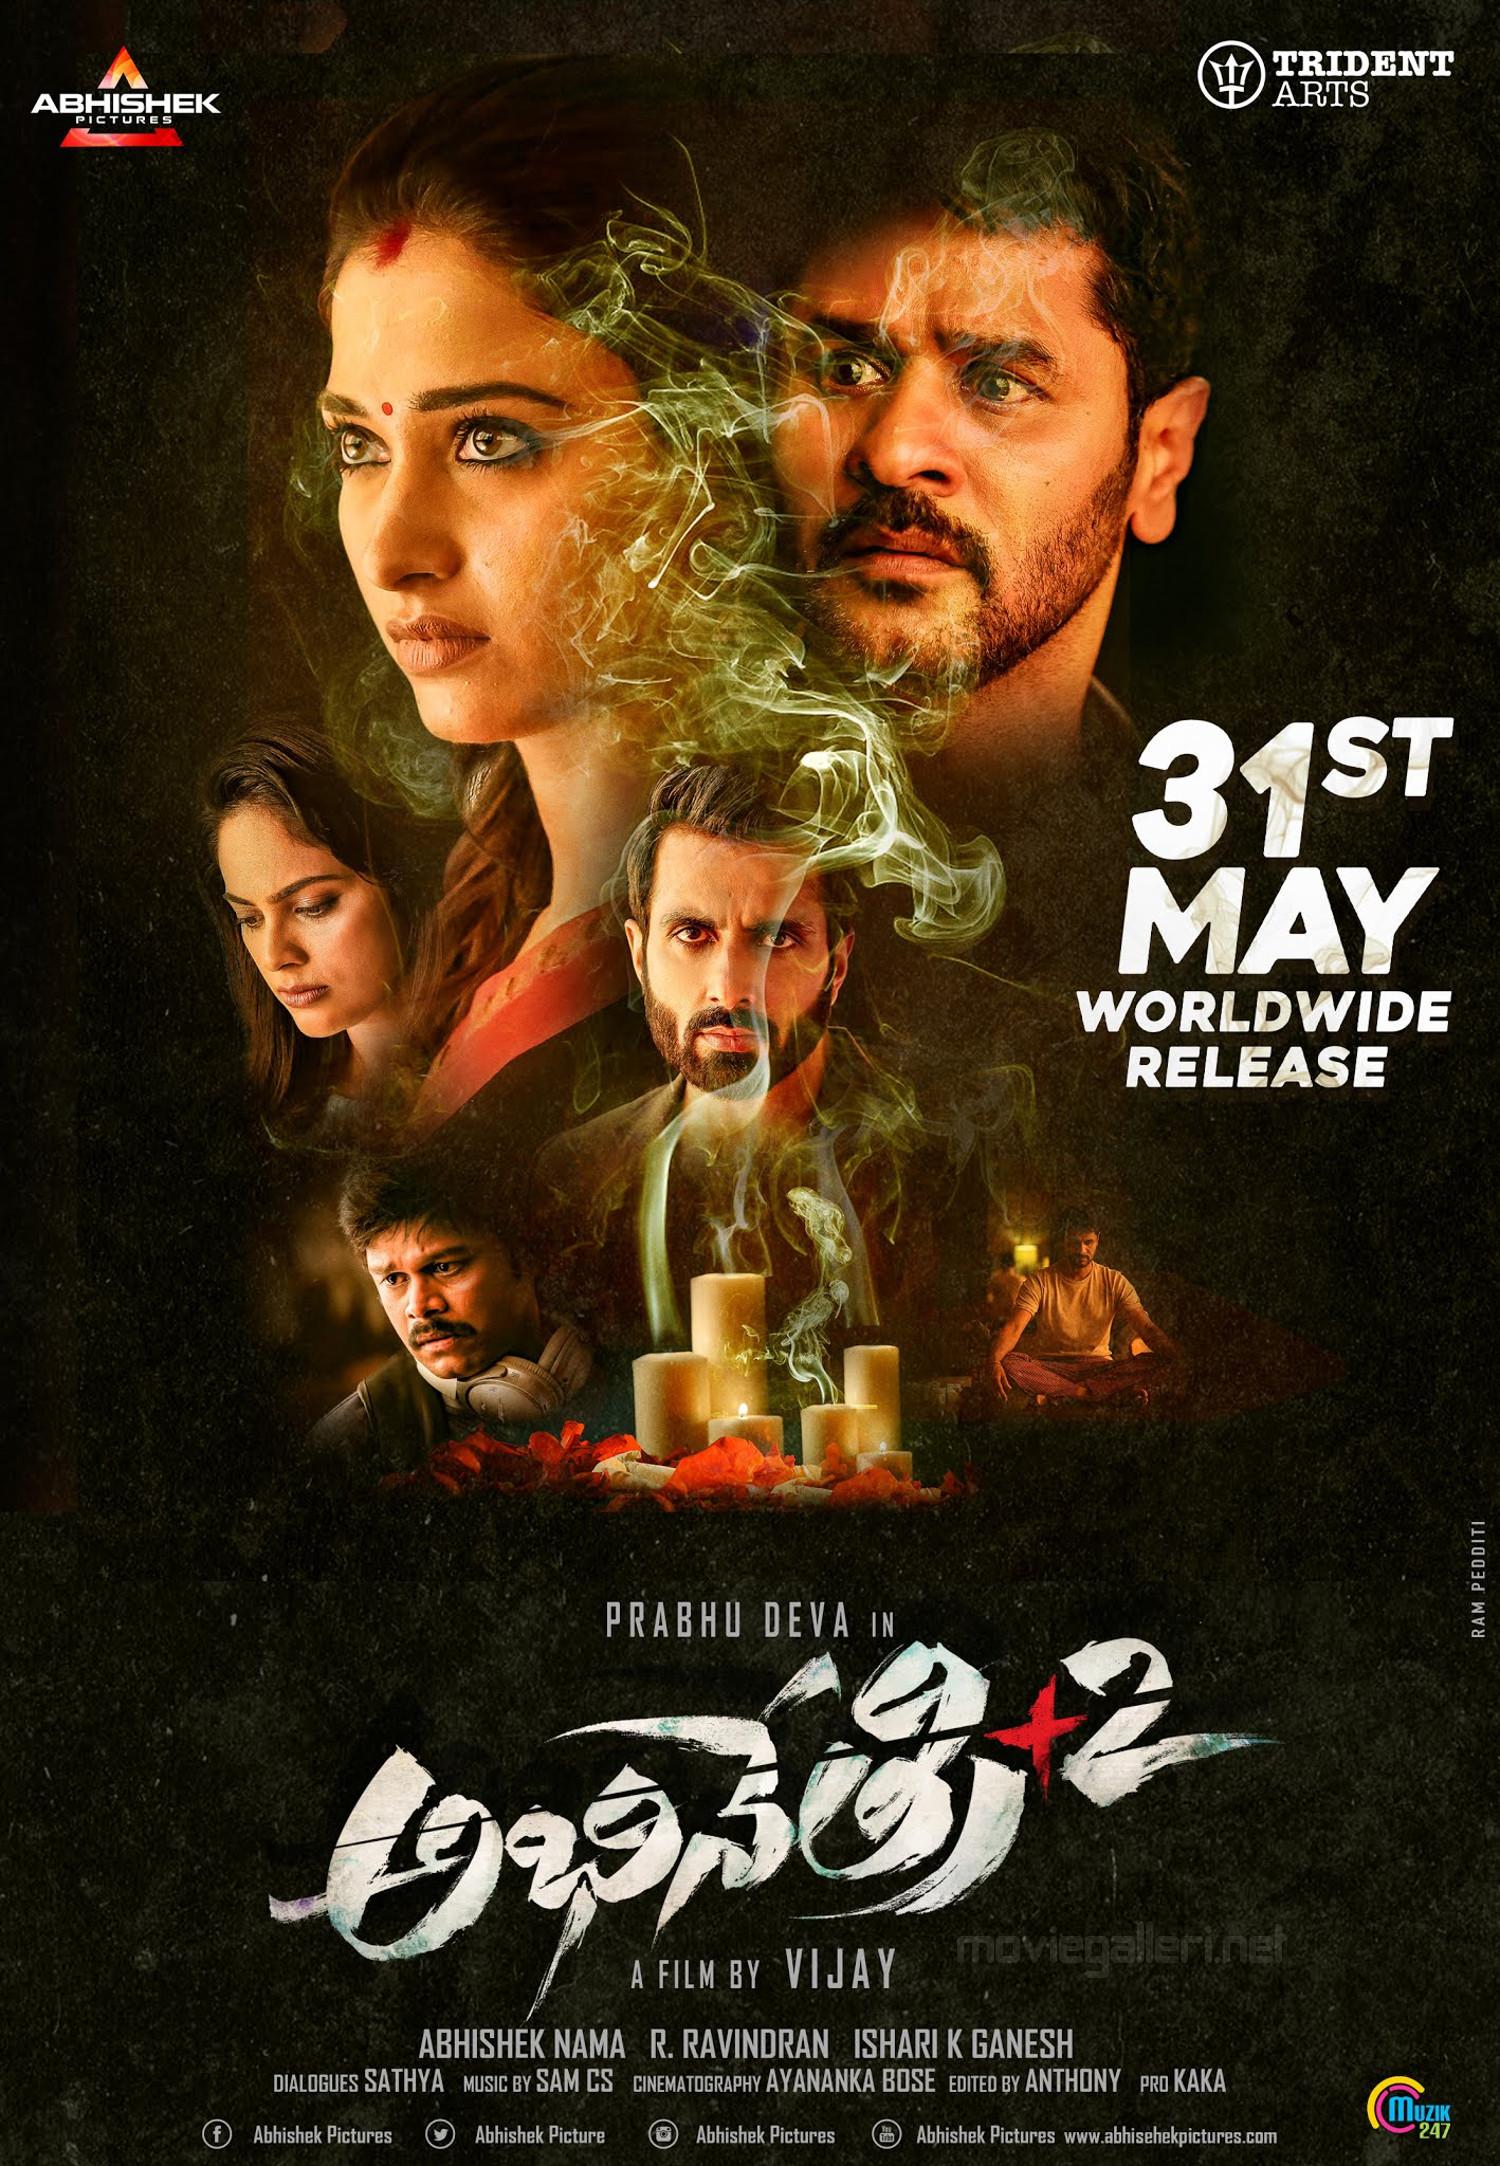 Tamannaah, Prabhu Deva in Abhinetry 2 Movie Release Posters